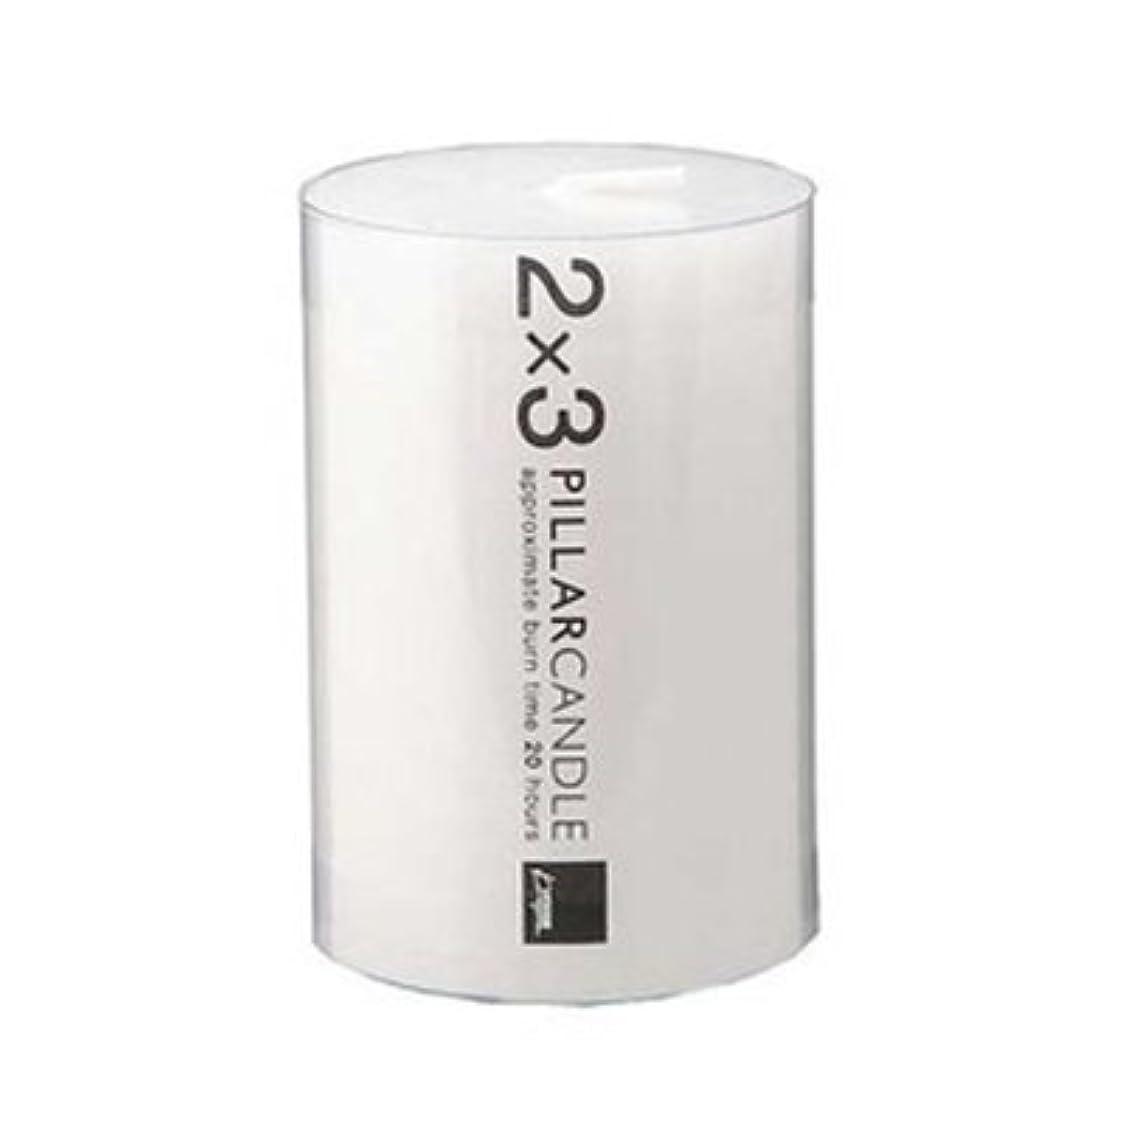 発行するバン避けるカメヤマキャンドル 2×3 ピラーキャンドル ホワイト